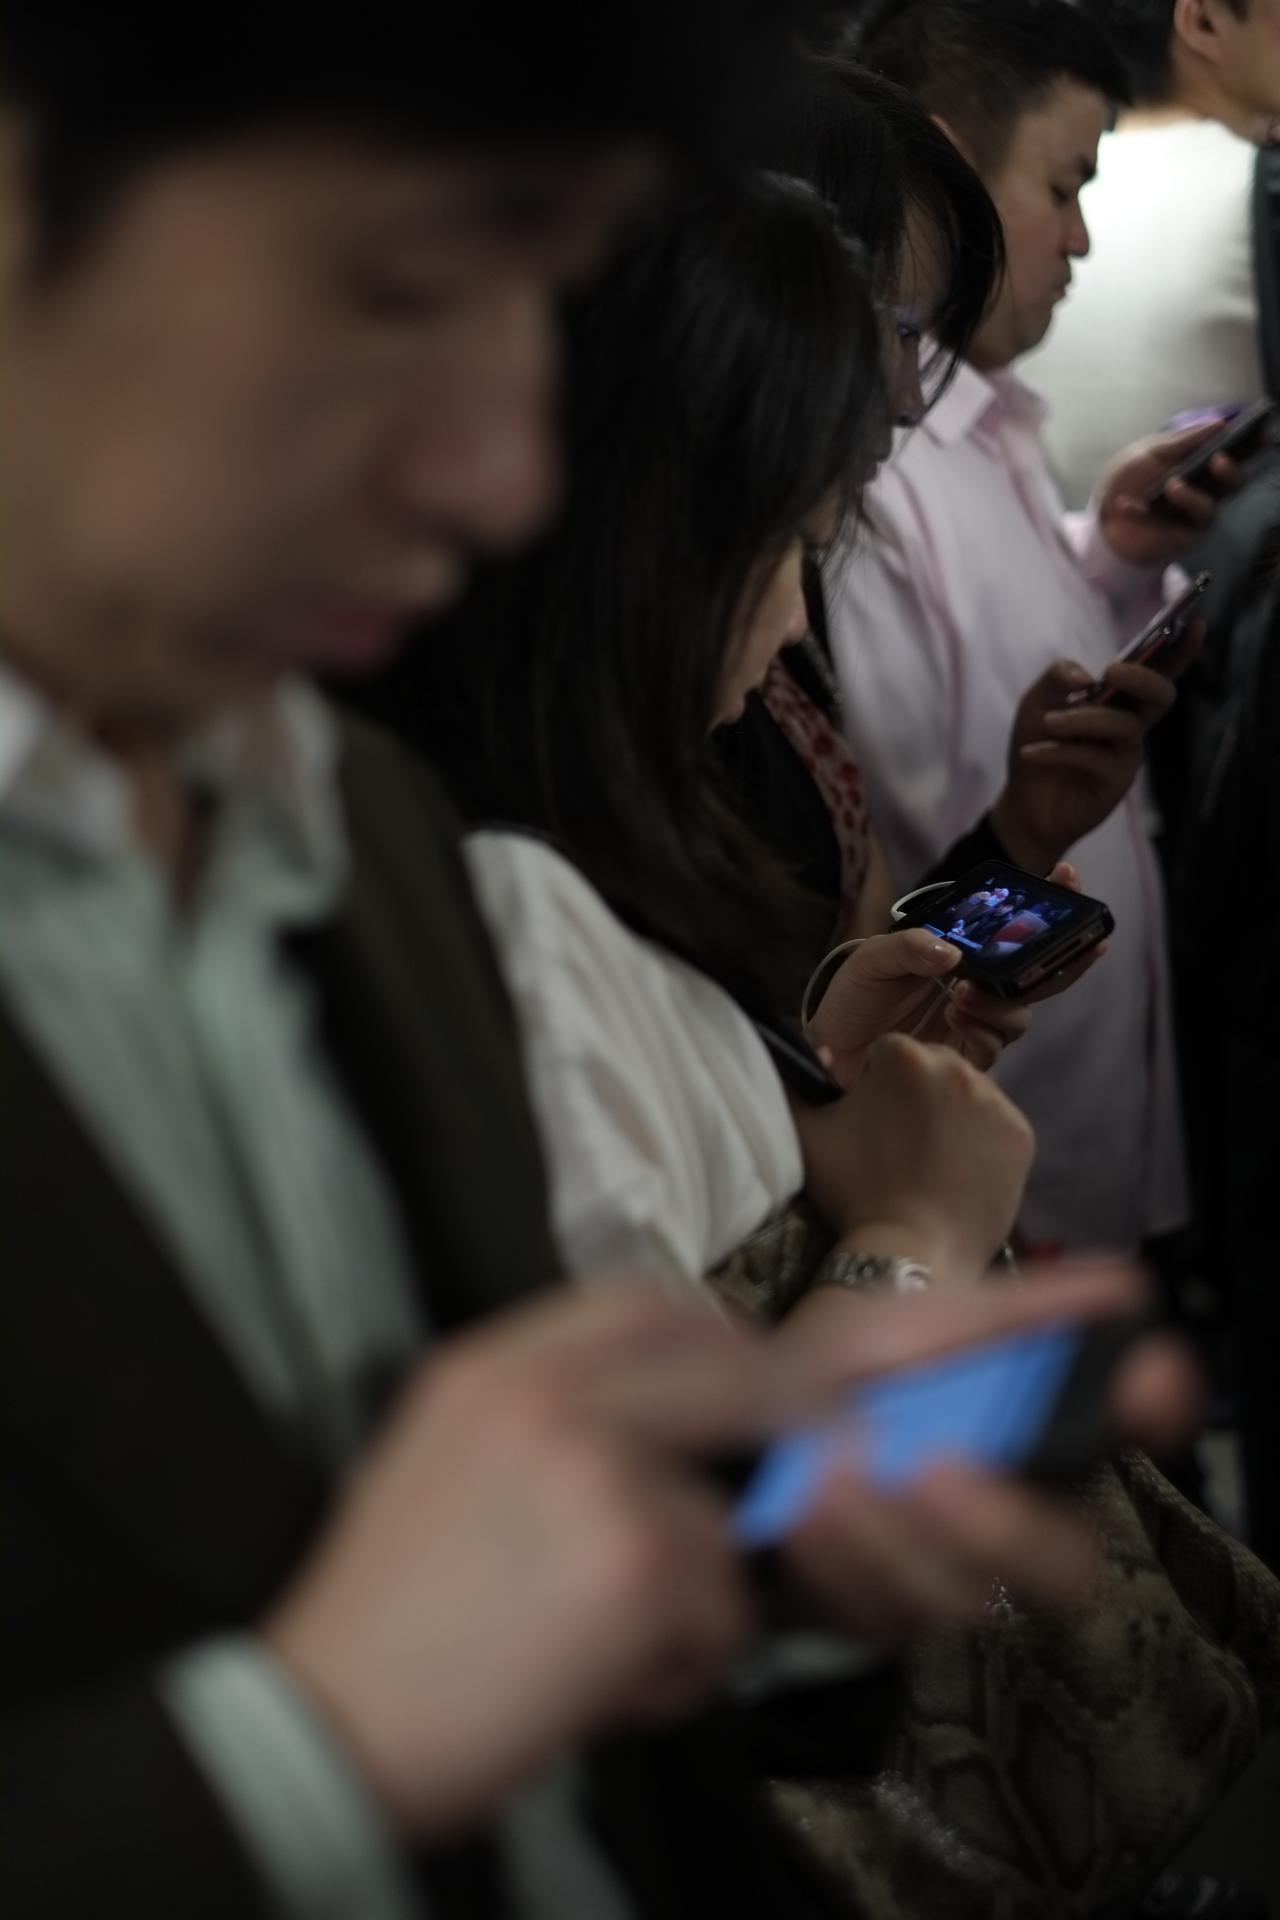 画像: ▲70 年代の初め頃の主流だった、社会的なメッセージが皮肉っぽく撮られた写真です。携帯電話の並びが、上海 という街を反映しています。 ■フジフイルムX-Pro1 35mmF1.4 絞り優先AE(絞りF2) マイナス1.3 露出補正 WB:オート ISO250